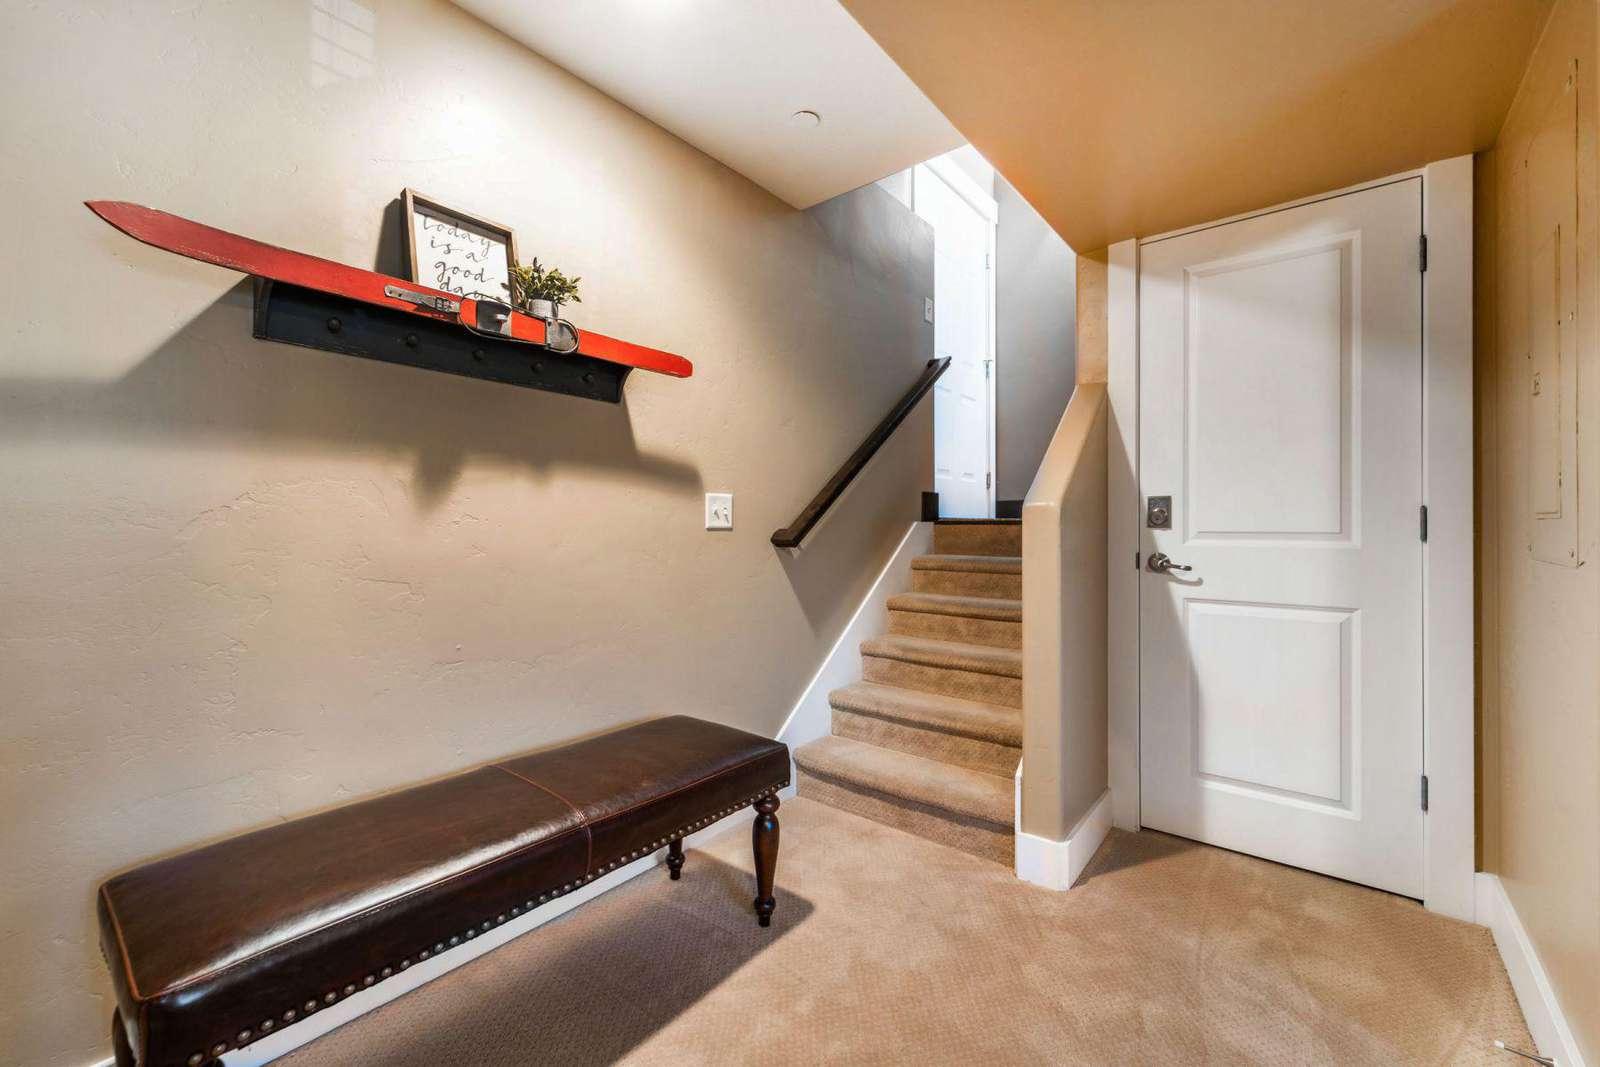 Downstairs hallway next to garage door